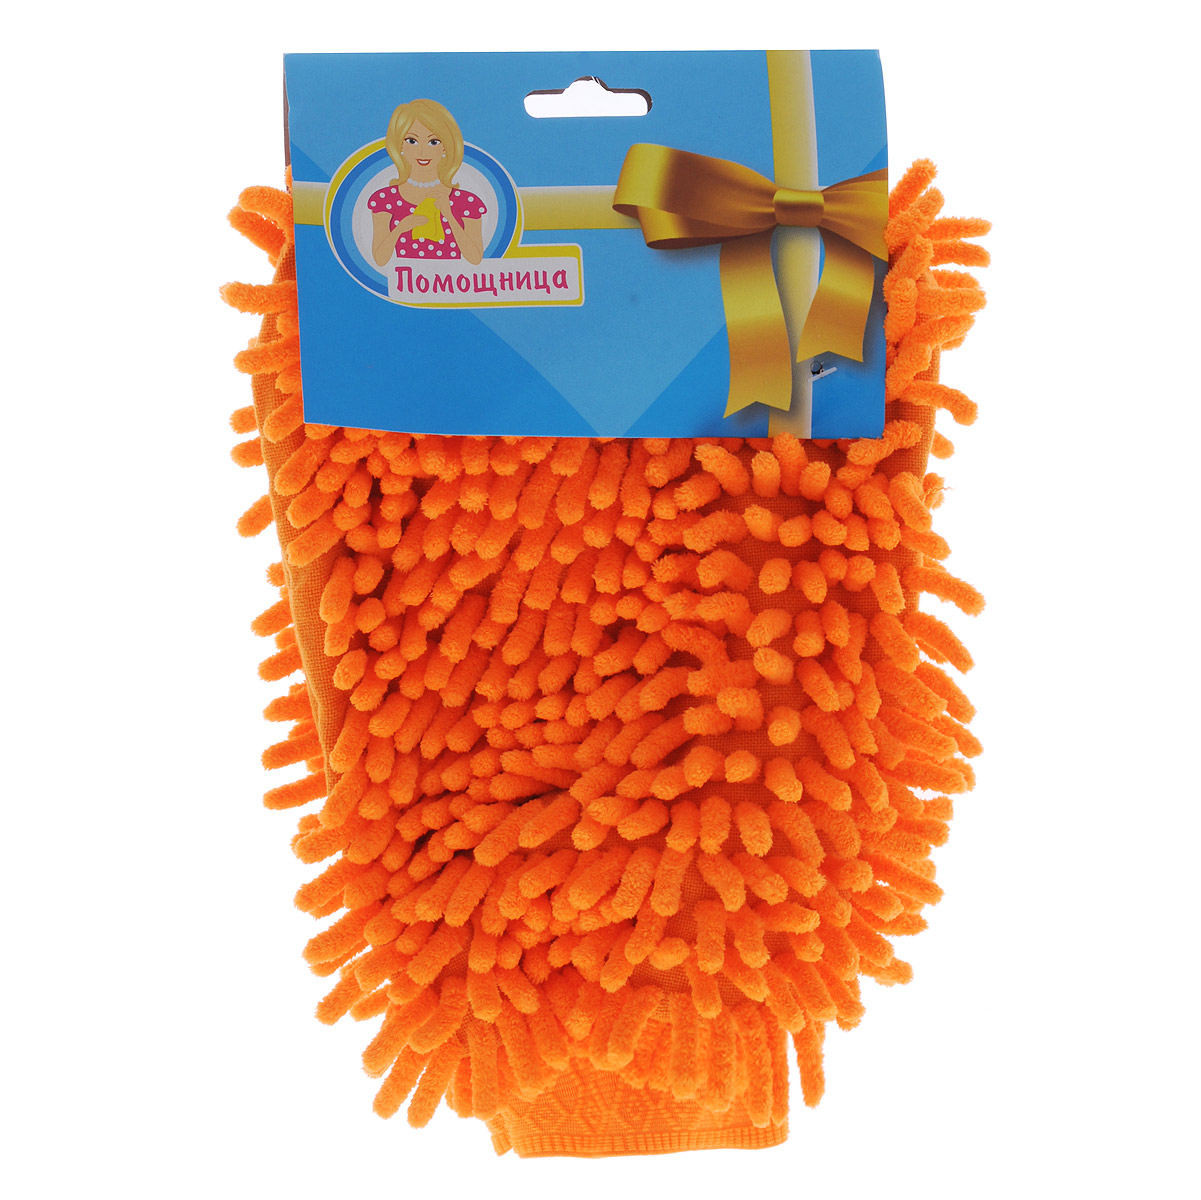 Рукавица для уборки Eva Спагетти, двусторонняя, цвет: оранжевый, 26 см х 19 см5199Двусторонняя рукавица Eva Спагетти, изготовленная из микрофибры (полиэстера, полиамида), легко удаляет пыль, деликатно моет поверхности, мягко удаляет сильные загрязнения, применяется как в сухом, так и во влажном виде. Рукавица удобно держится на руке и великолепно впитывает воду. Идеально подходит для уборки, как в доме, так и в автомобиле.